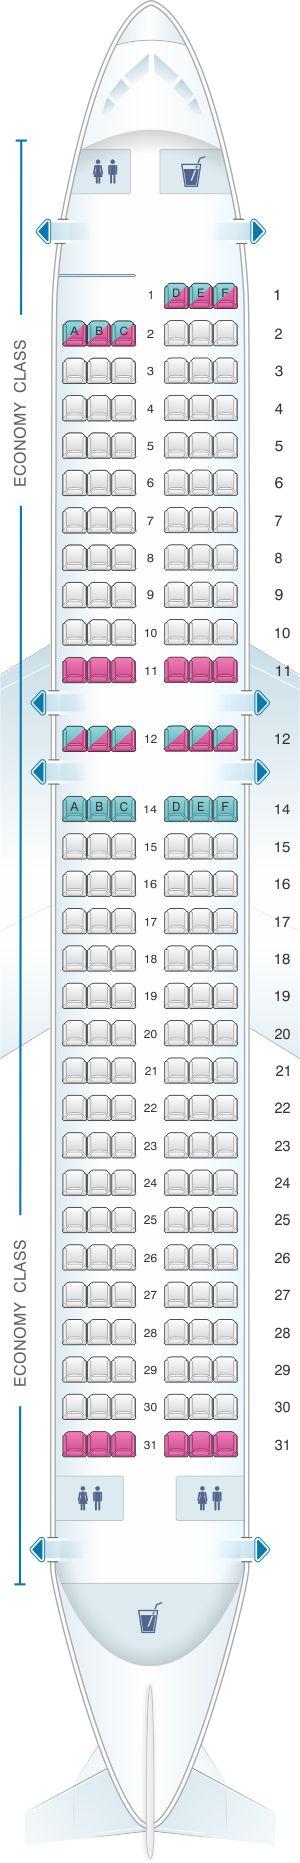 Seat Map Allegiant Air Airbus A320